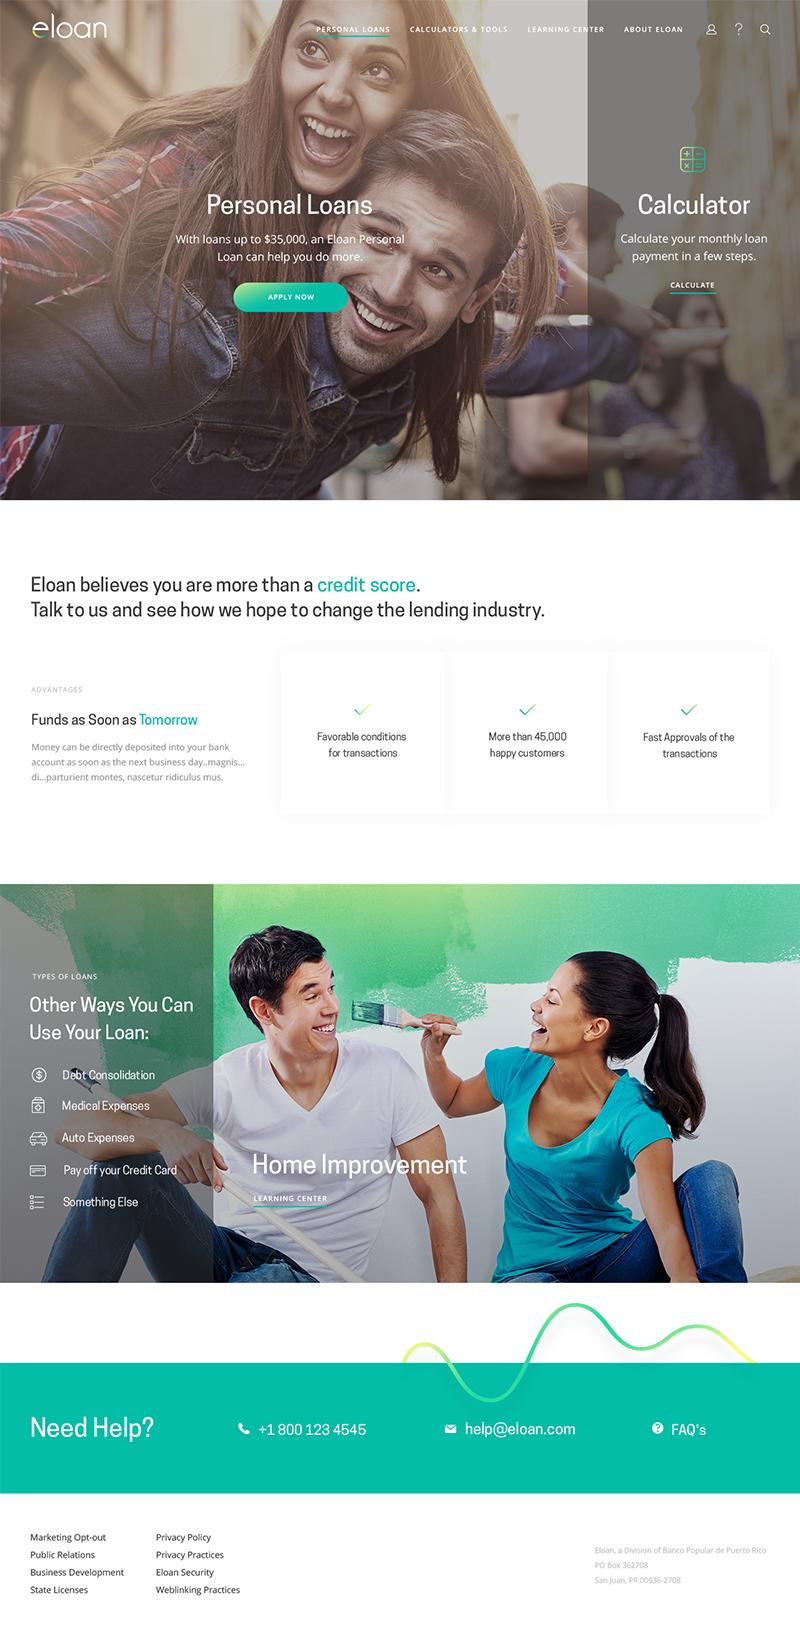 Eloan Page Screenshot